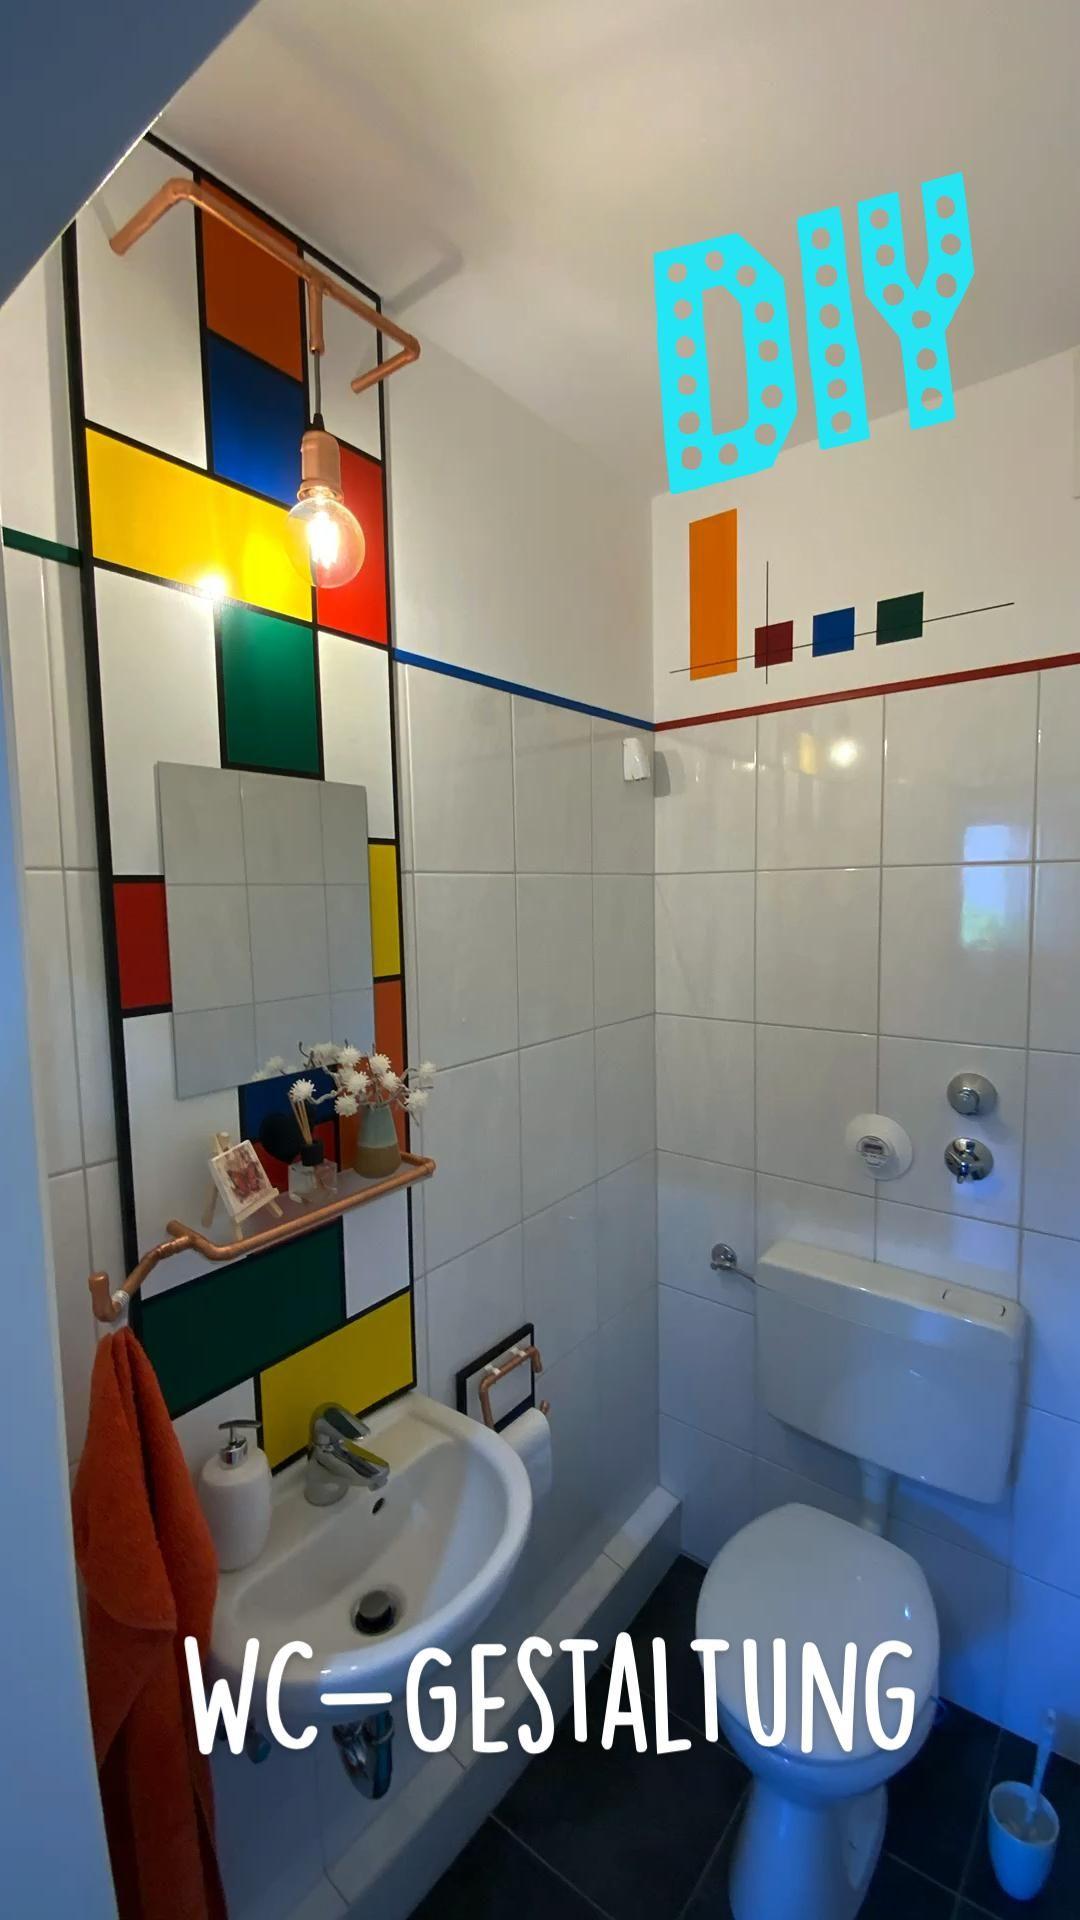 WC-Gestaltung DIY